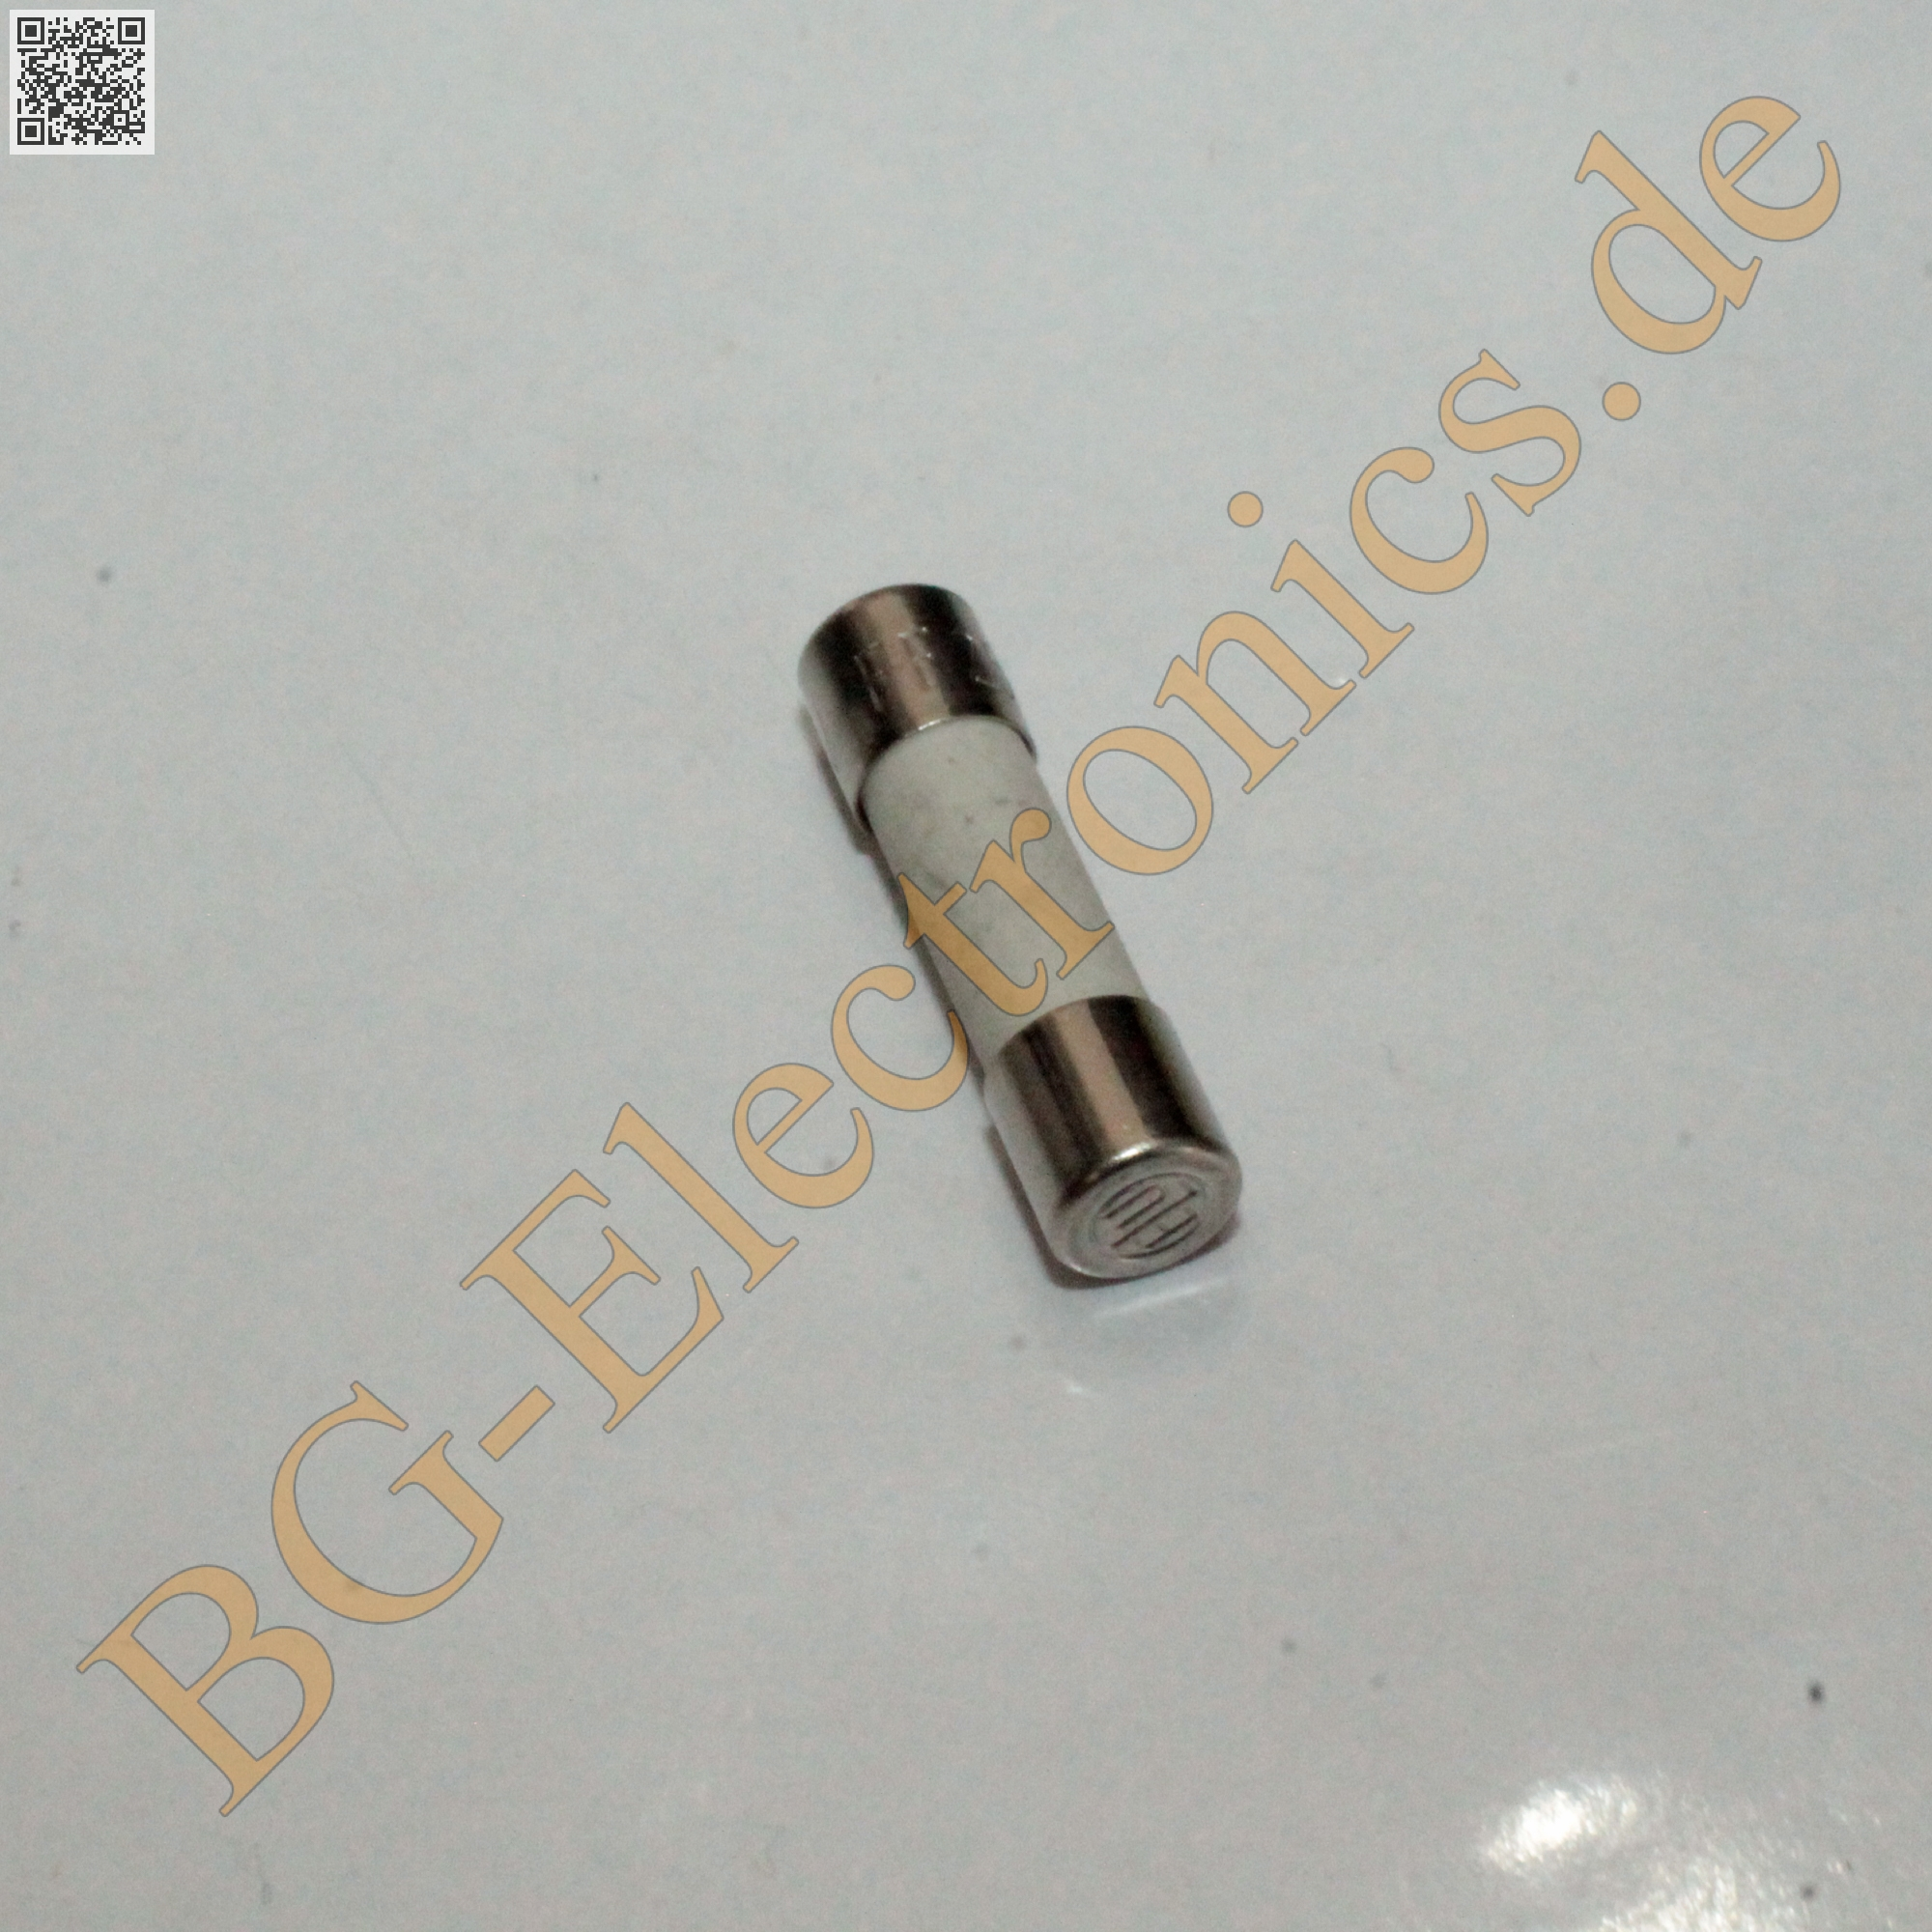 20 Stk 5x20mm 250V 5A Schnell Wirkendes Kartusche Glasrohr Sicherungen F5AL250V DE de